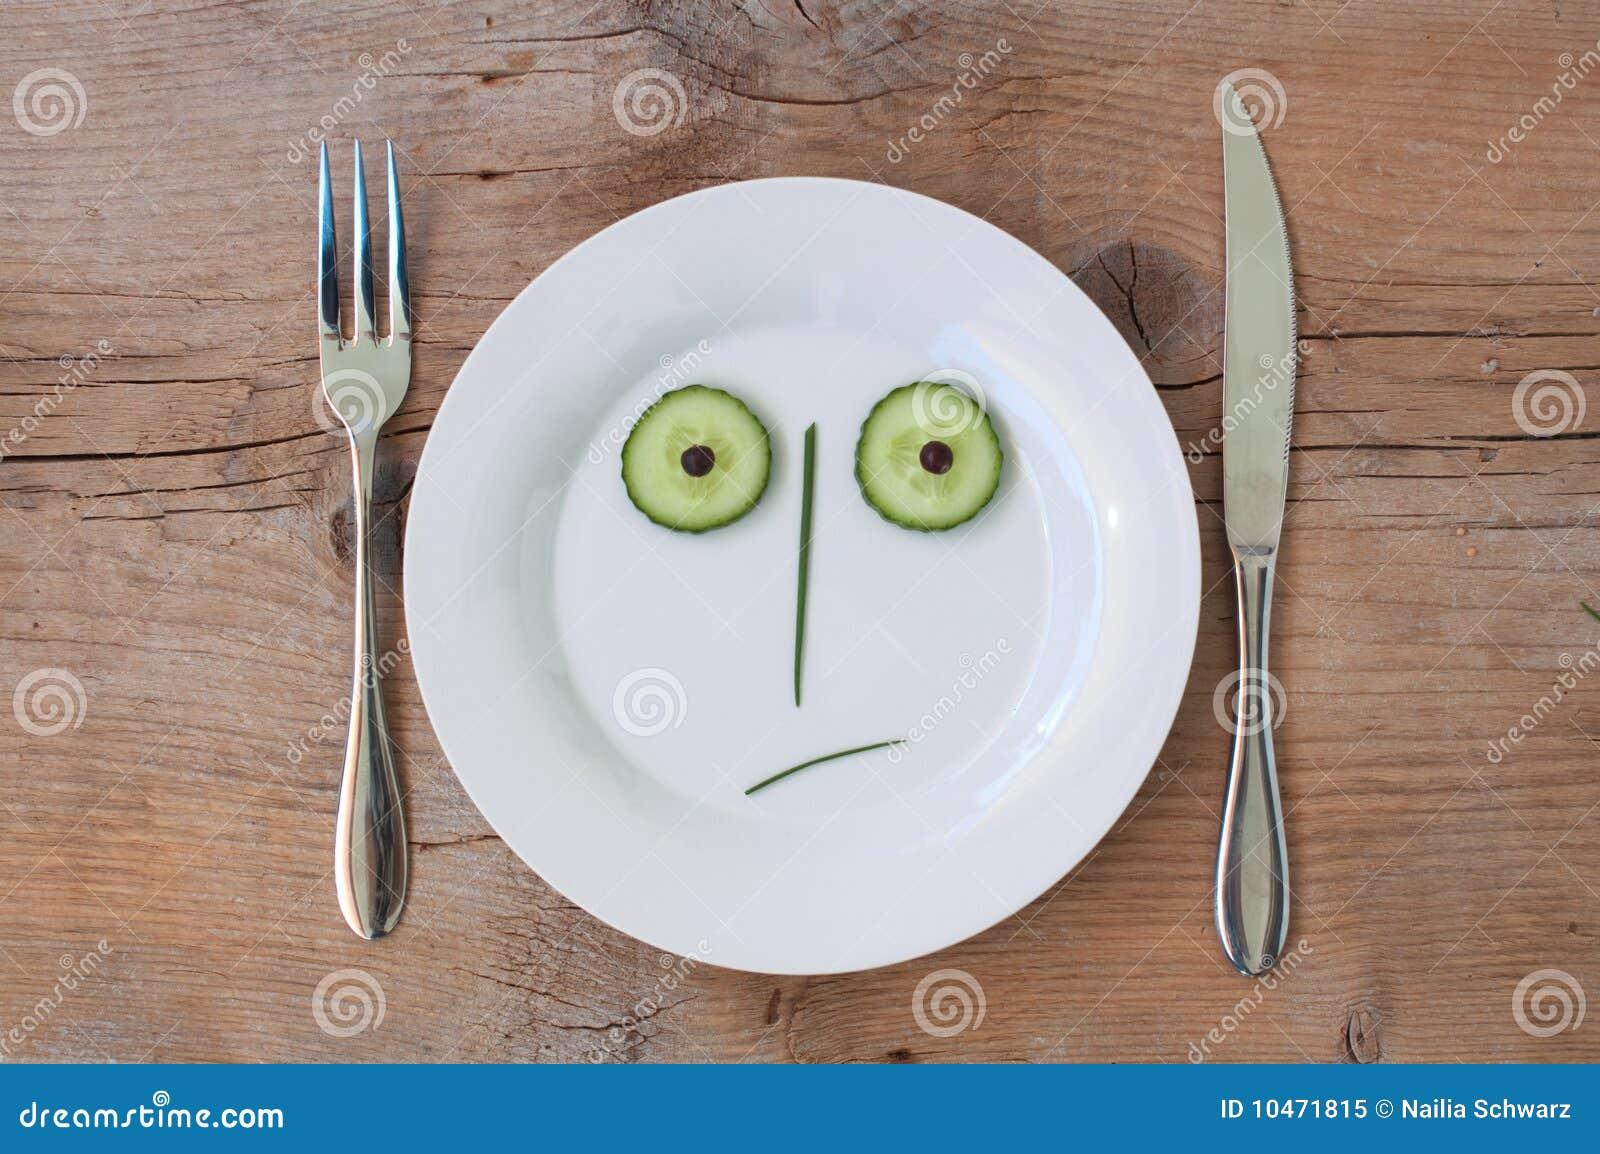 Visage végétal de plaque - mâle, choqué